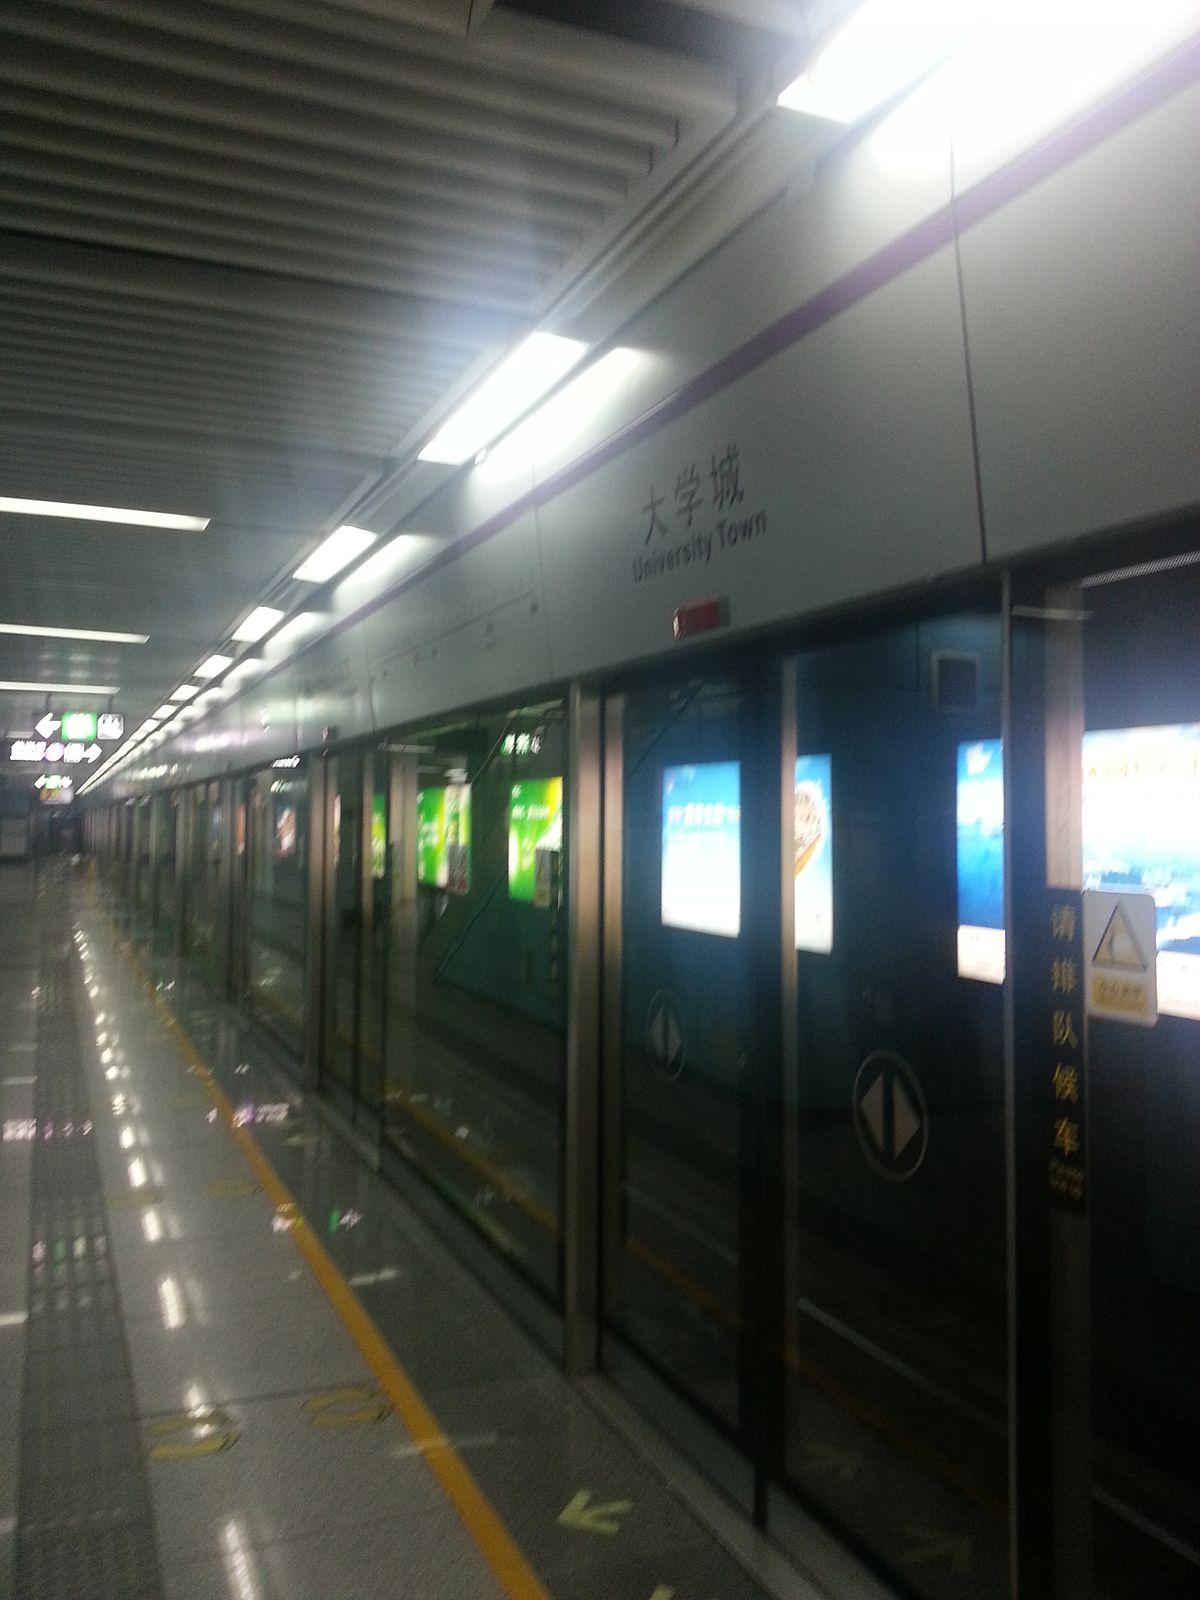 university town station  shenzhen